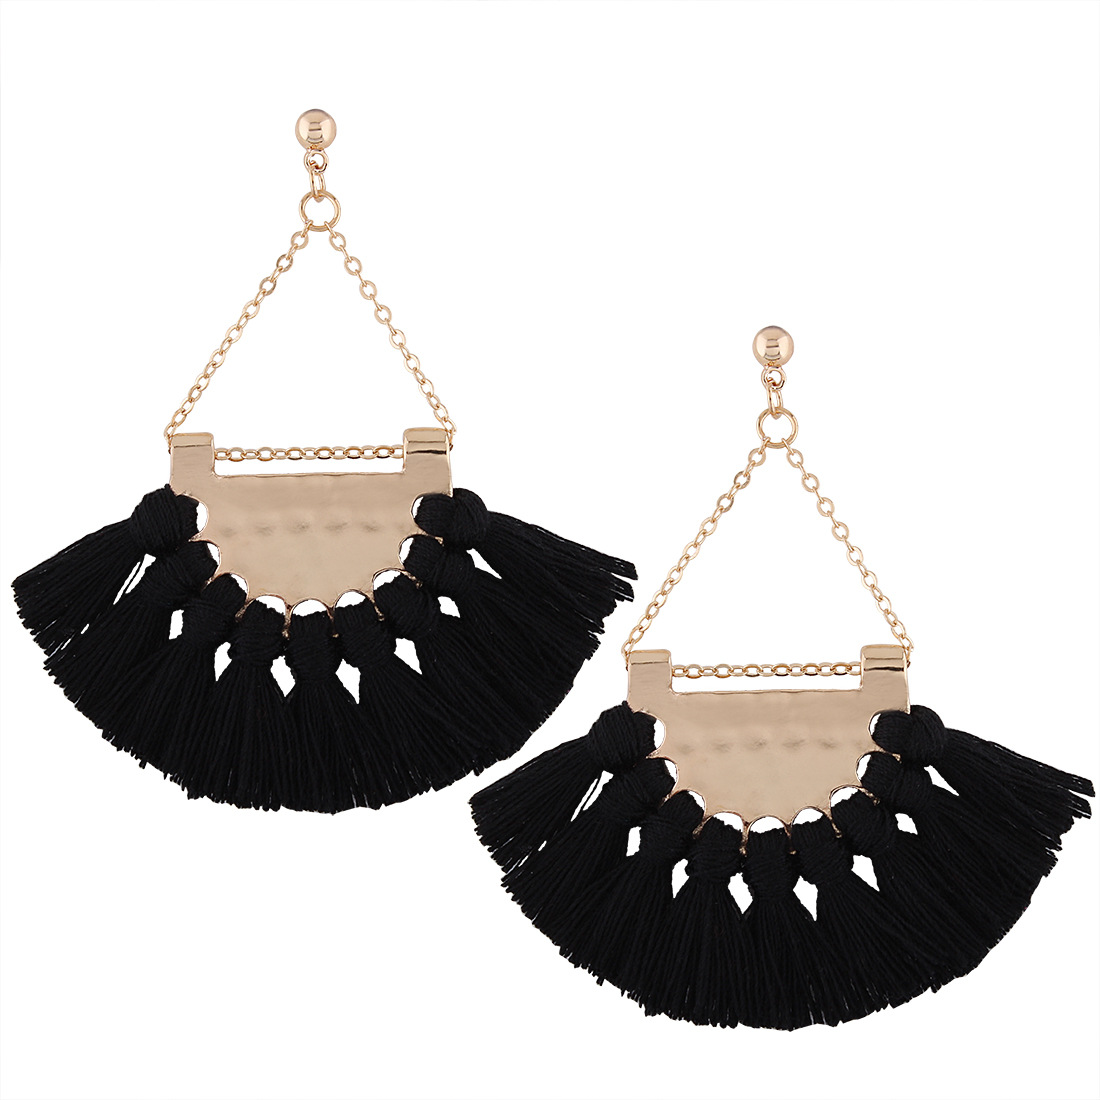 [EU Direct] Gprince European Fashion Fan-shaped Gothic Tassel Earrings Ear Drops Women Jewelry Black